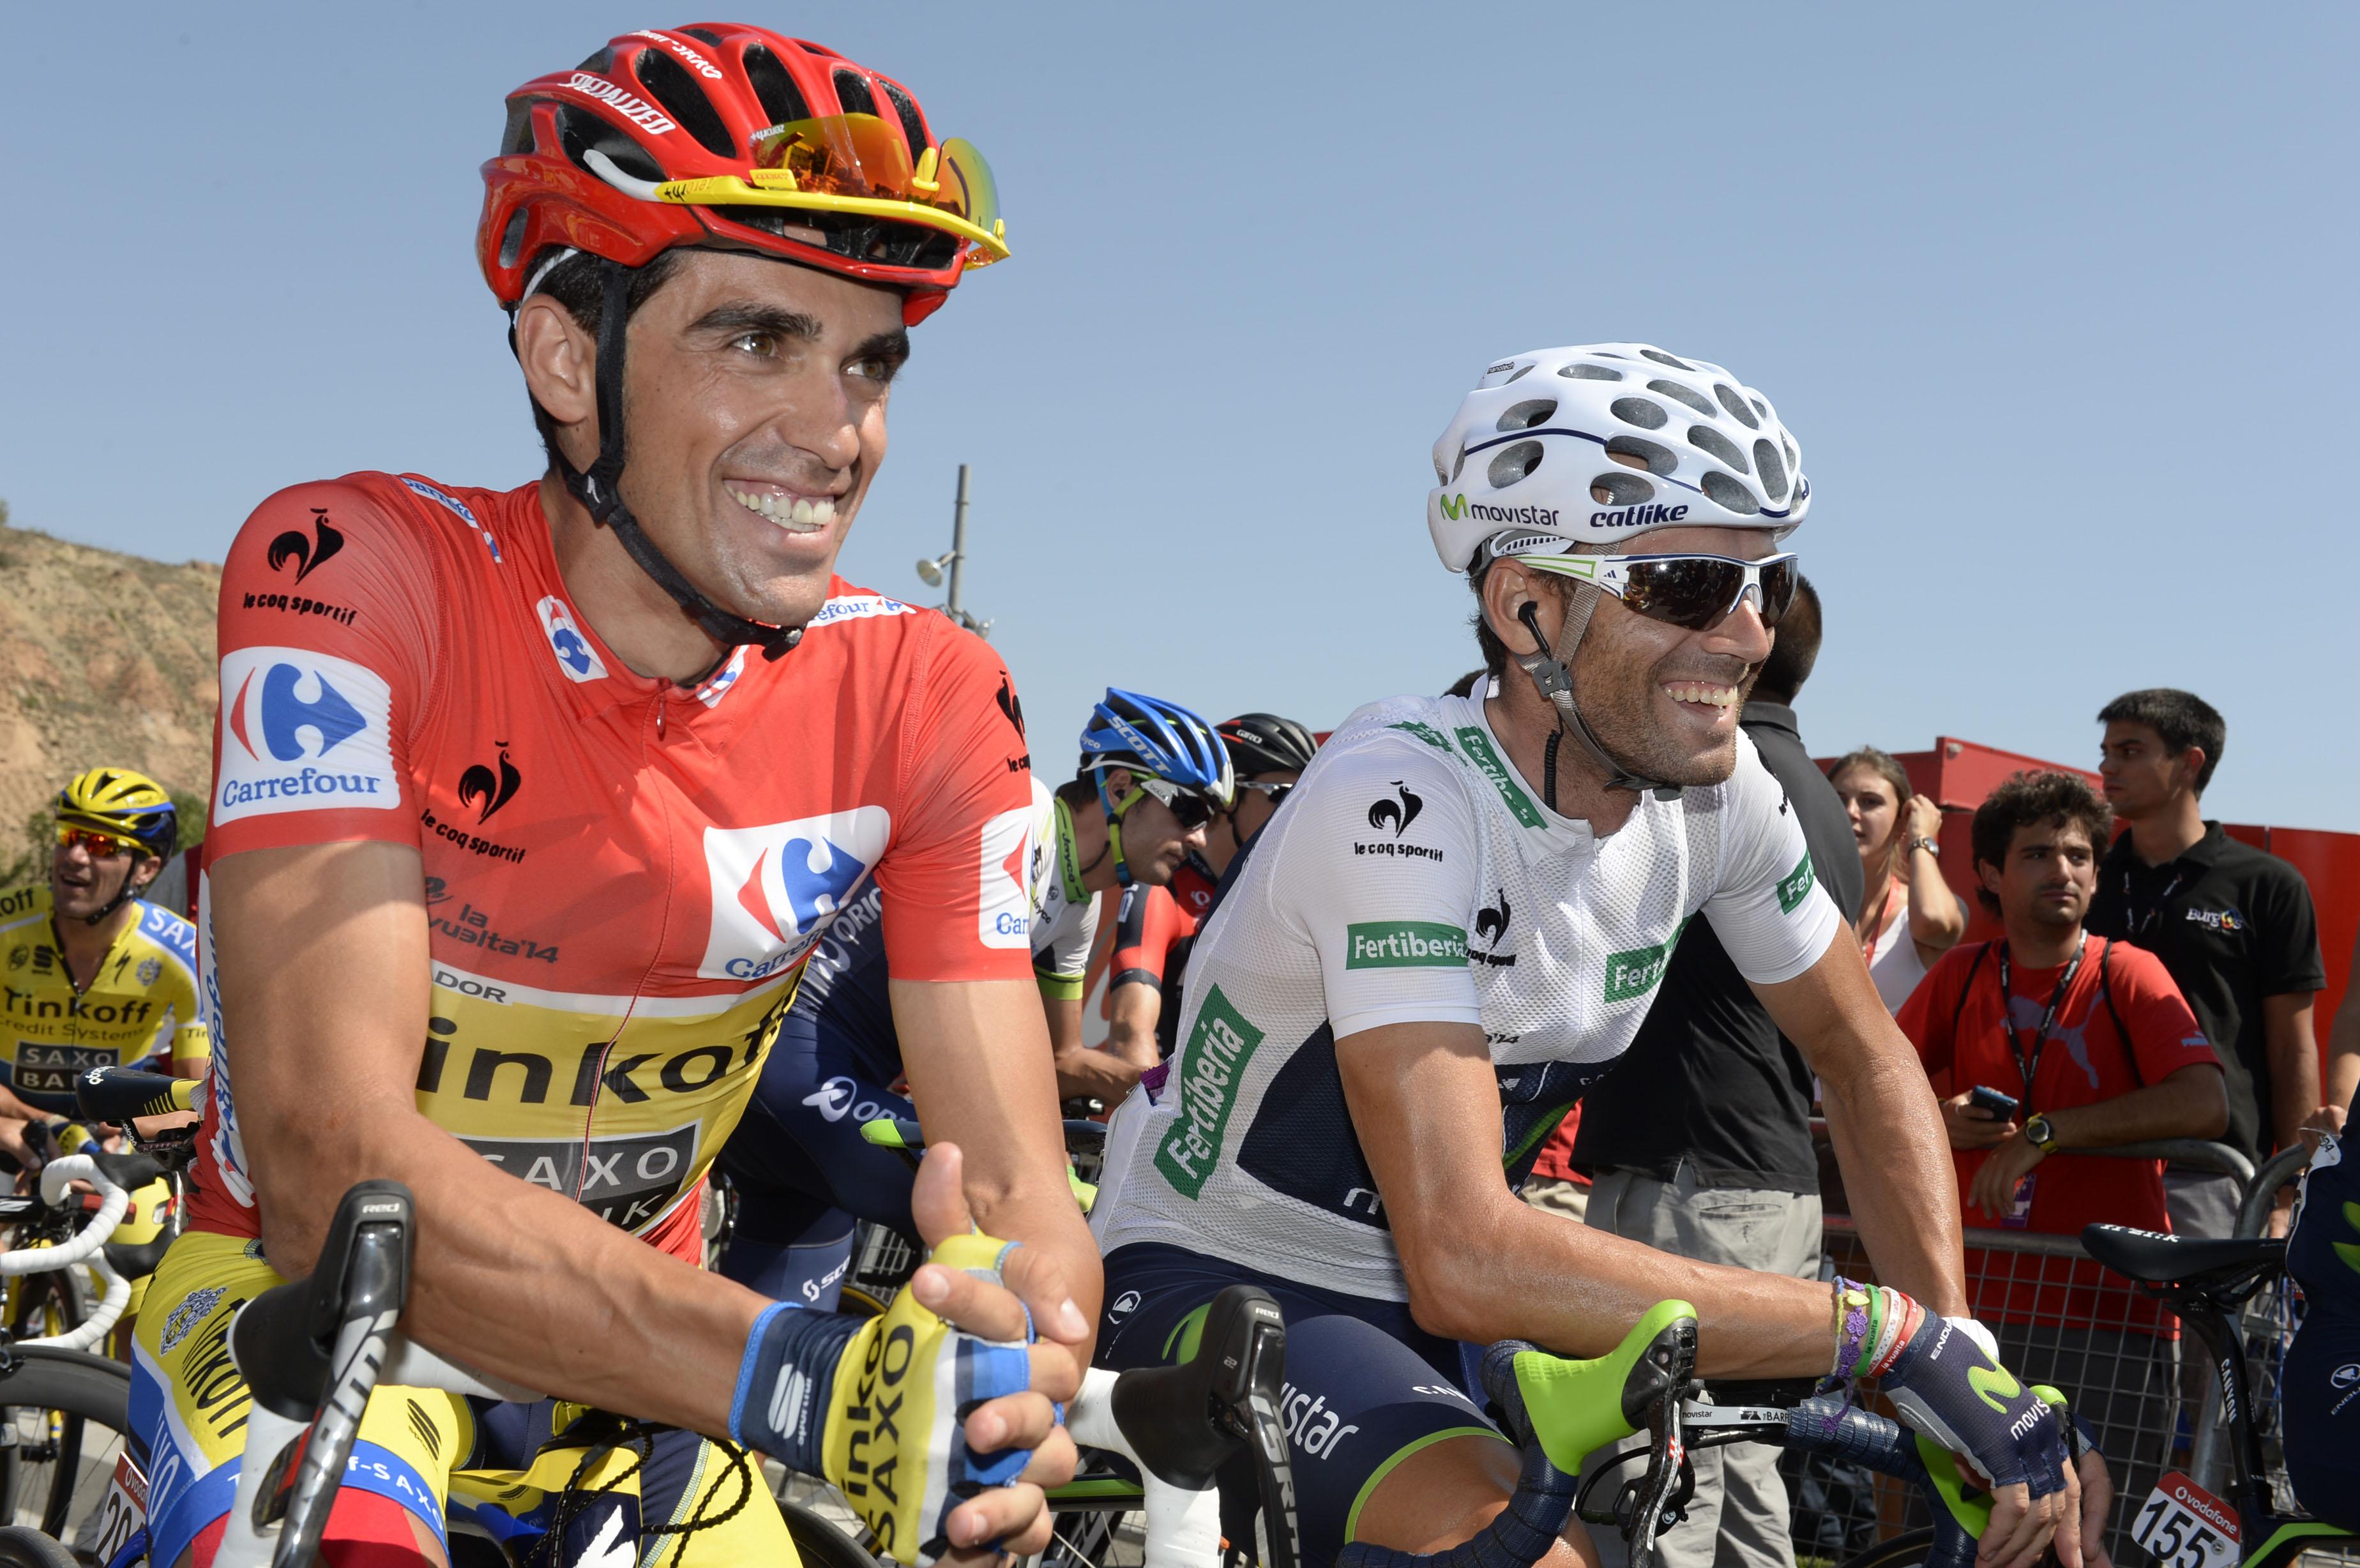 Der Kampf um den Weltranglisten der UCI WorldTour war in diesem Jahr ein Zweikampf zwischen Contador und Valverde. Vor allem nachdem Quintana verletzungsbedingt ausschied. Die beiden Spanier bei einem kurzen Plausch vor dem Start. (Foto: Sirotti)